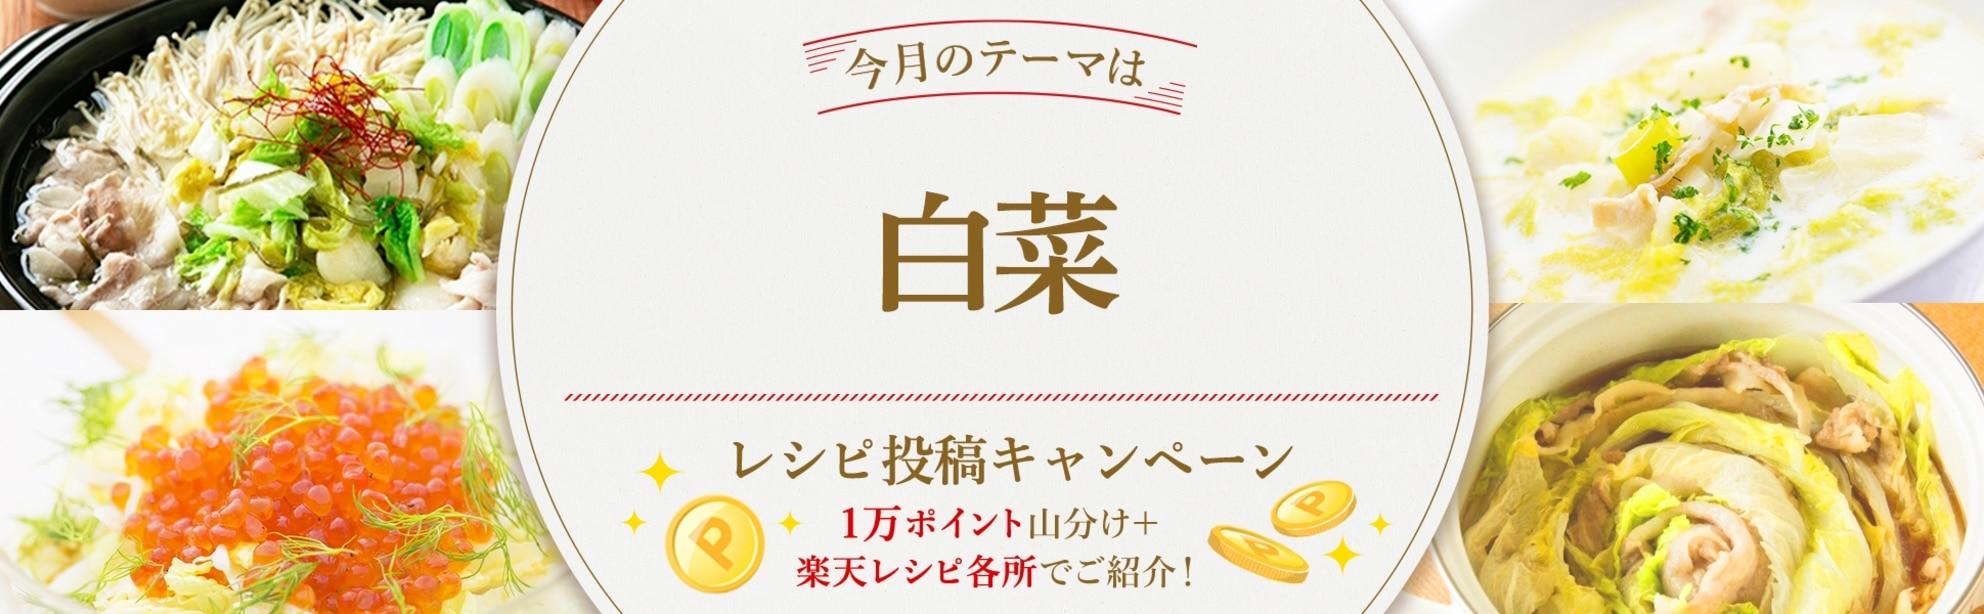 【毎月開催!】自慢の白菜レシピ大募集♪<今月のテーマは「白菜」!>